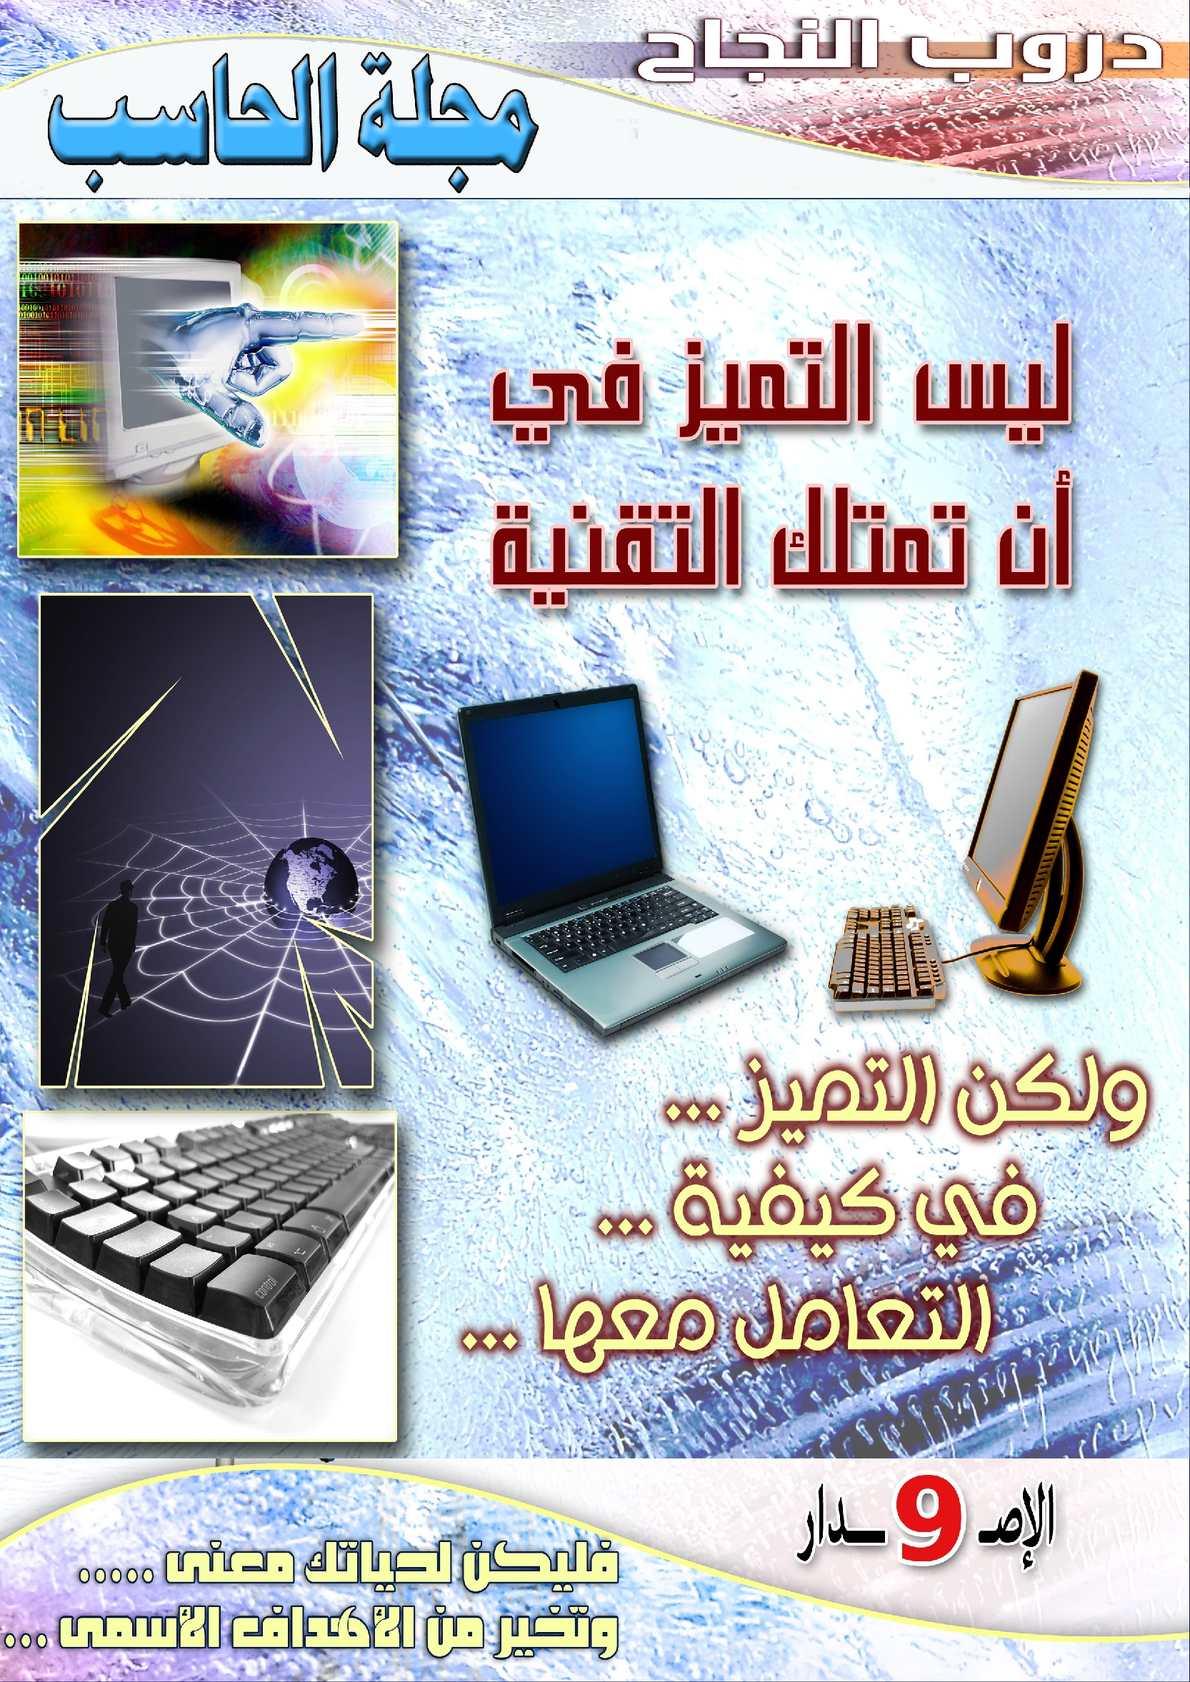 مجلة الحاسب الآلي